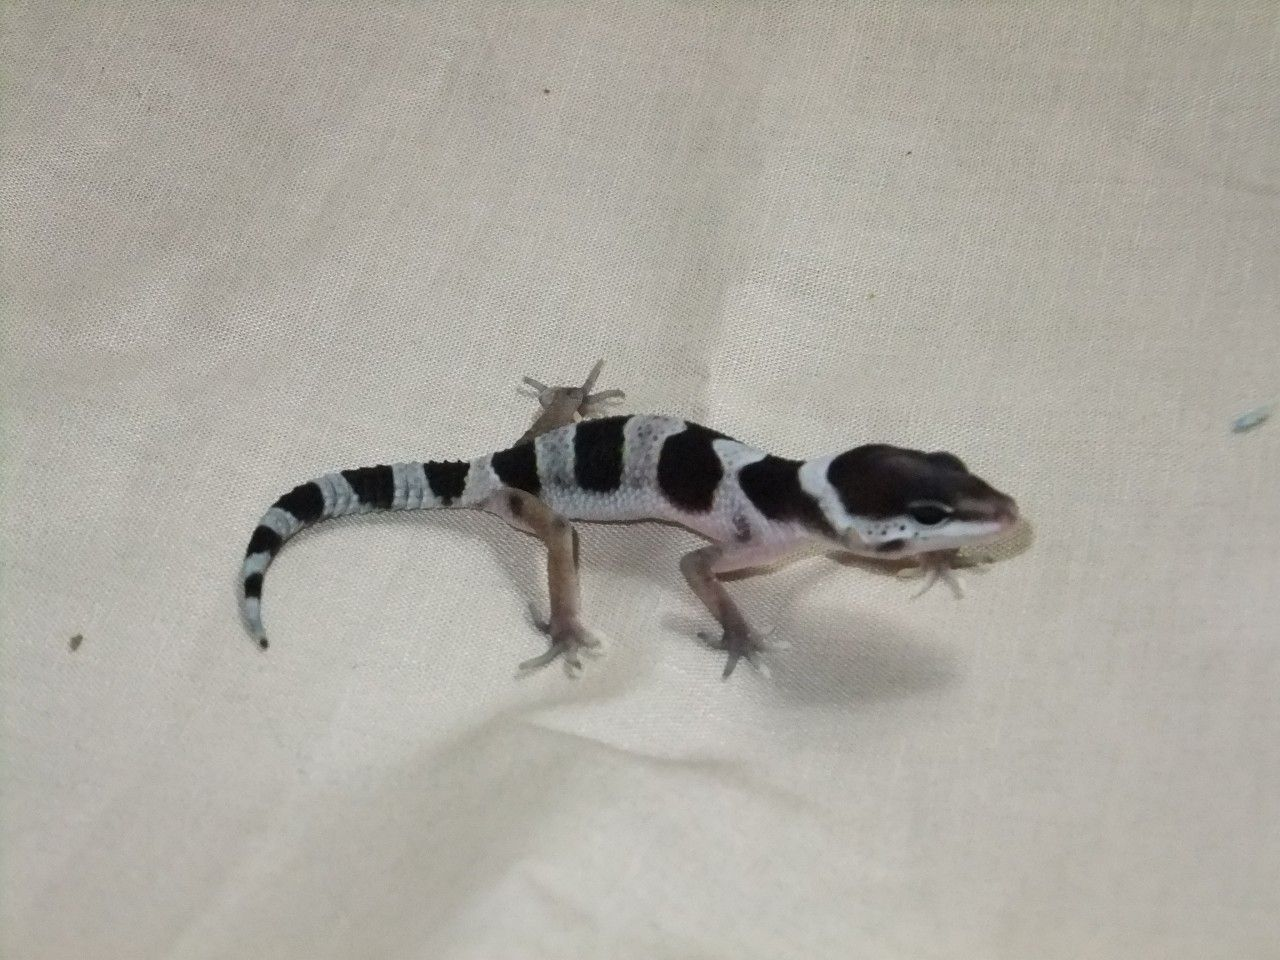 Mack Snow Hatchling | Leopard Gecko Morphs | Pinterest ...Leopard Gecko Hatchling Care